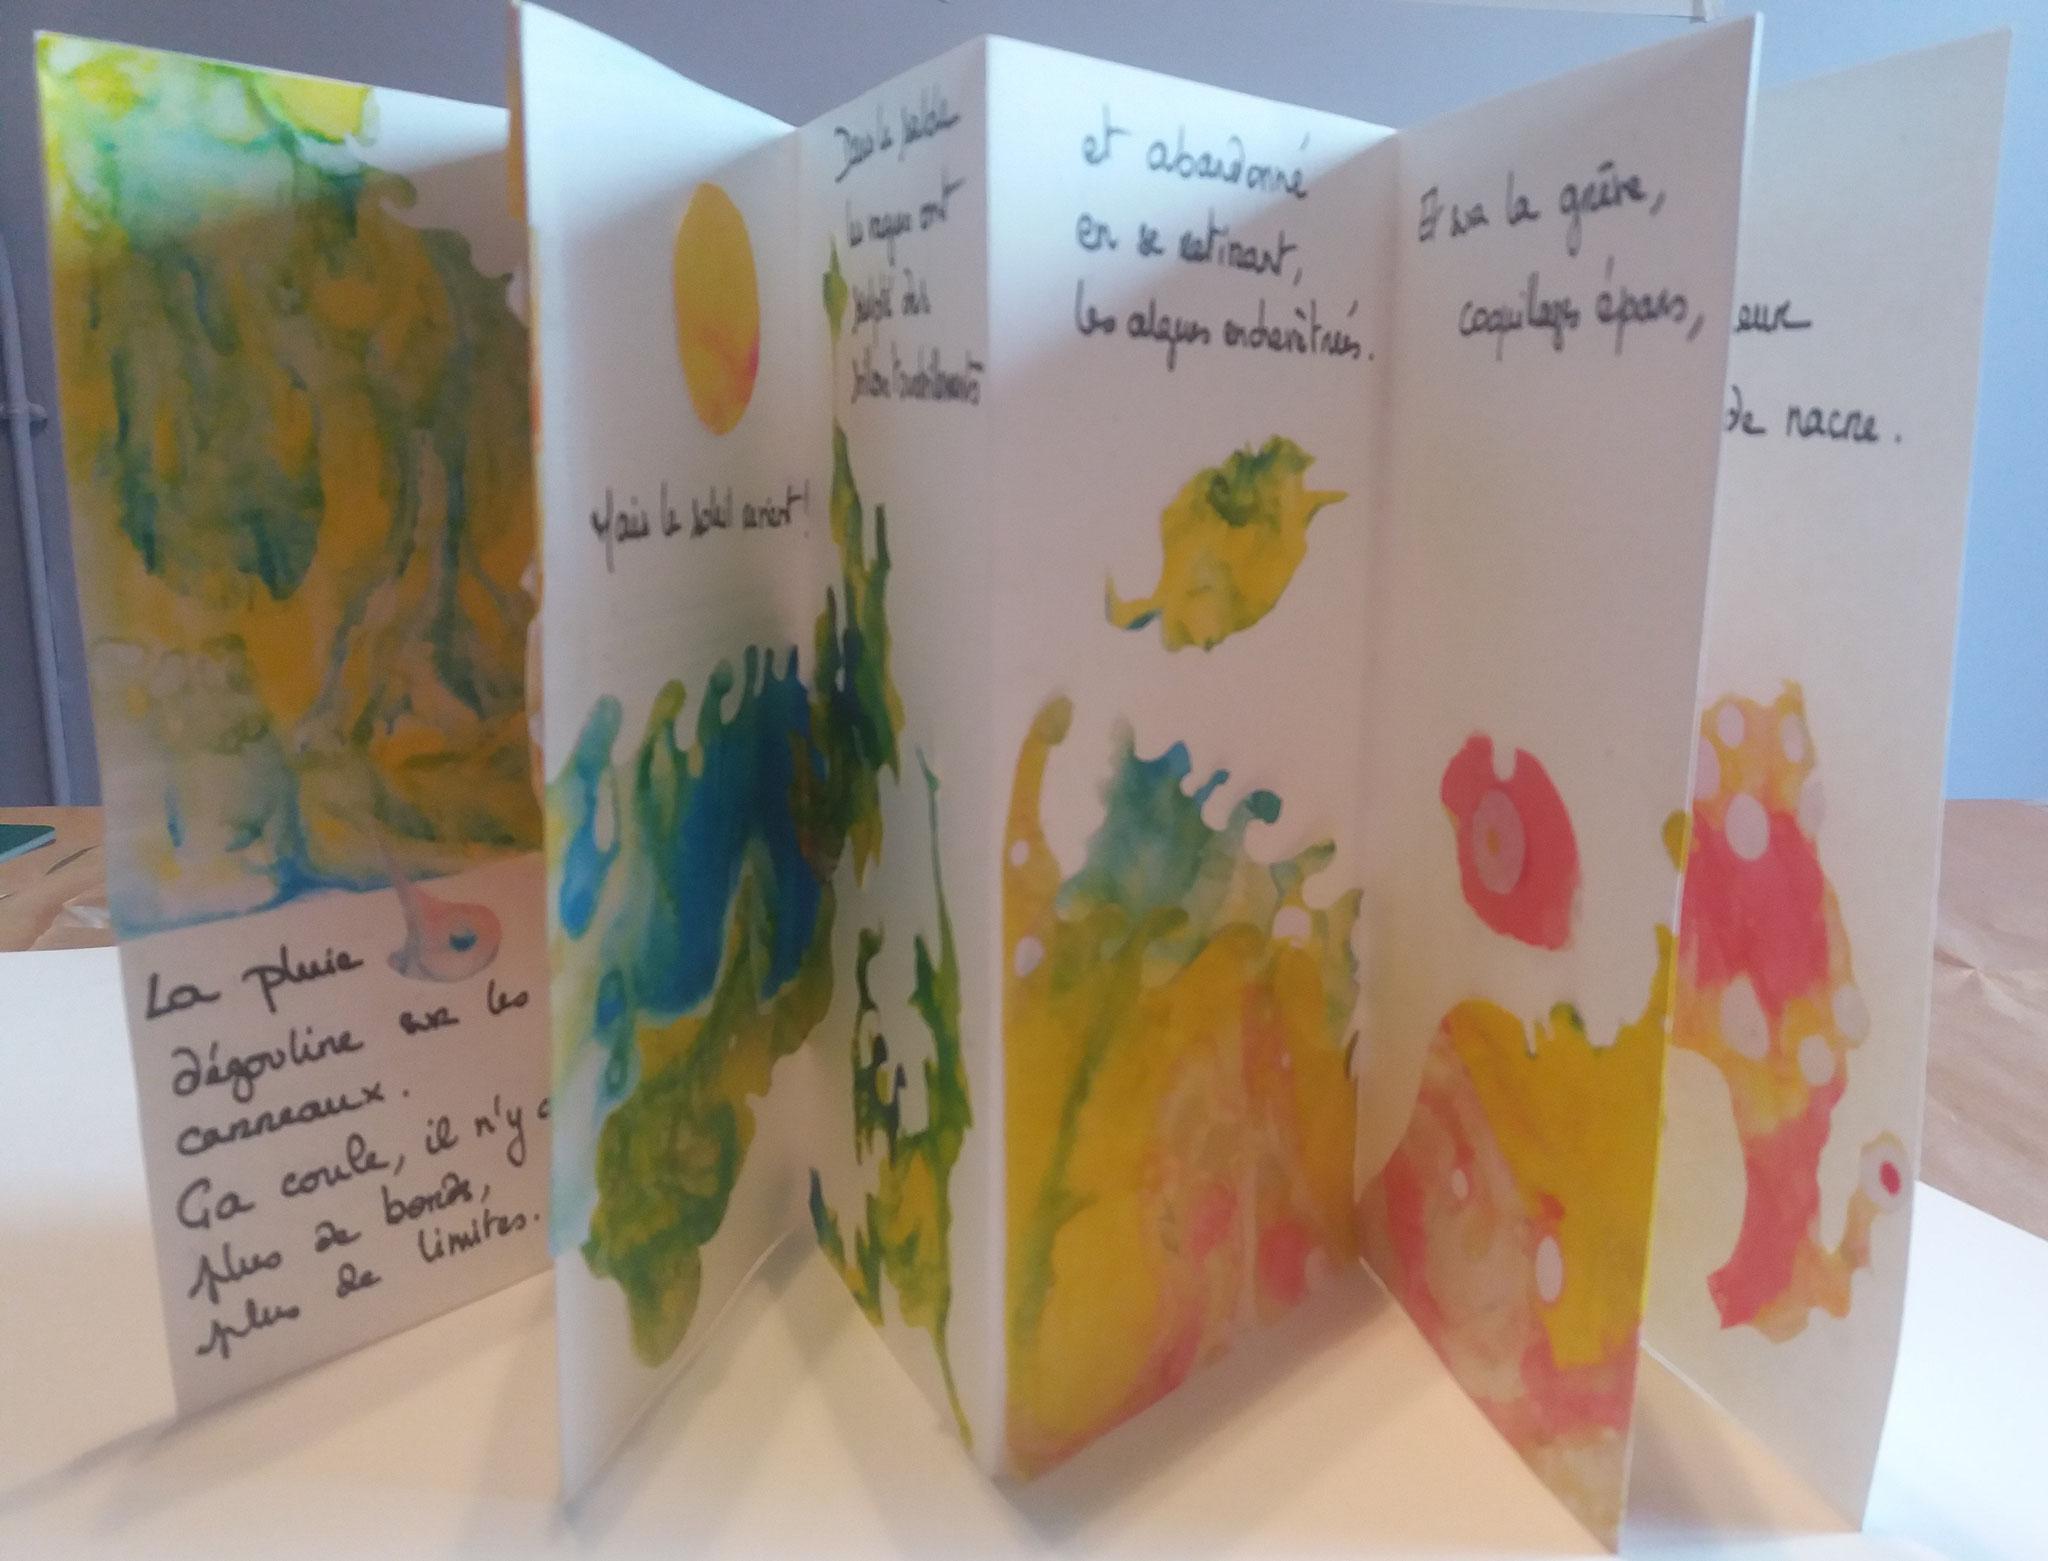 Merci aux participantes qui ont accepté la publication des photos de leur livre d'artiste livre unique.